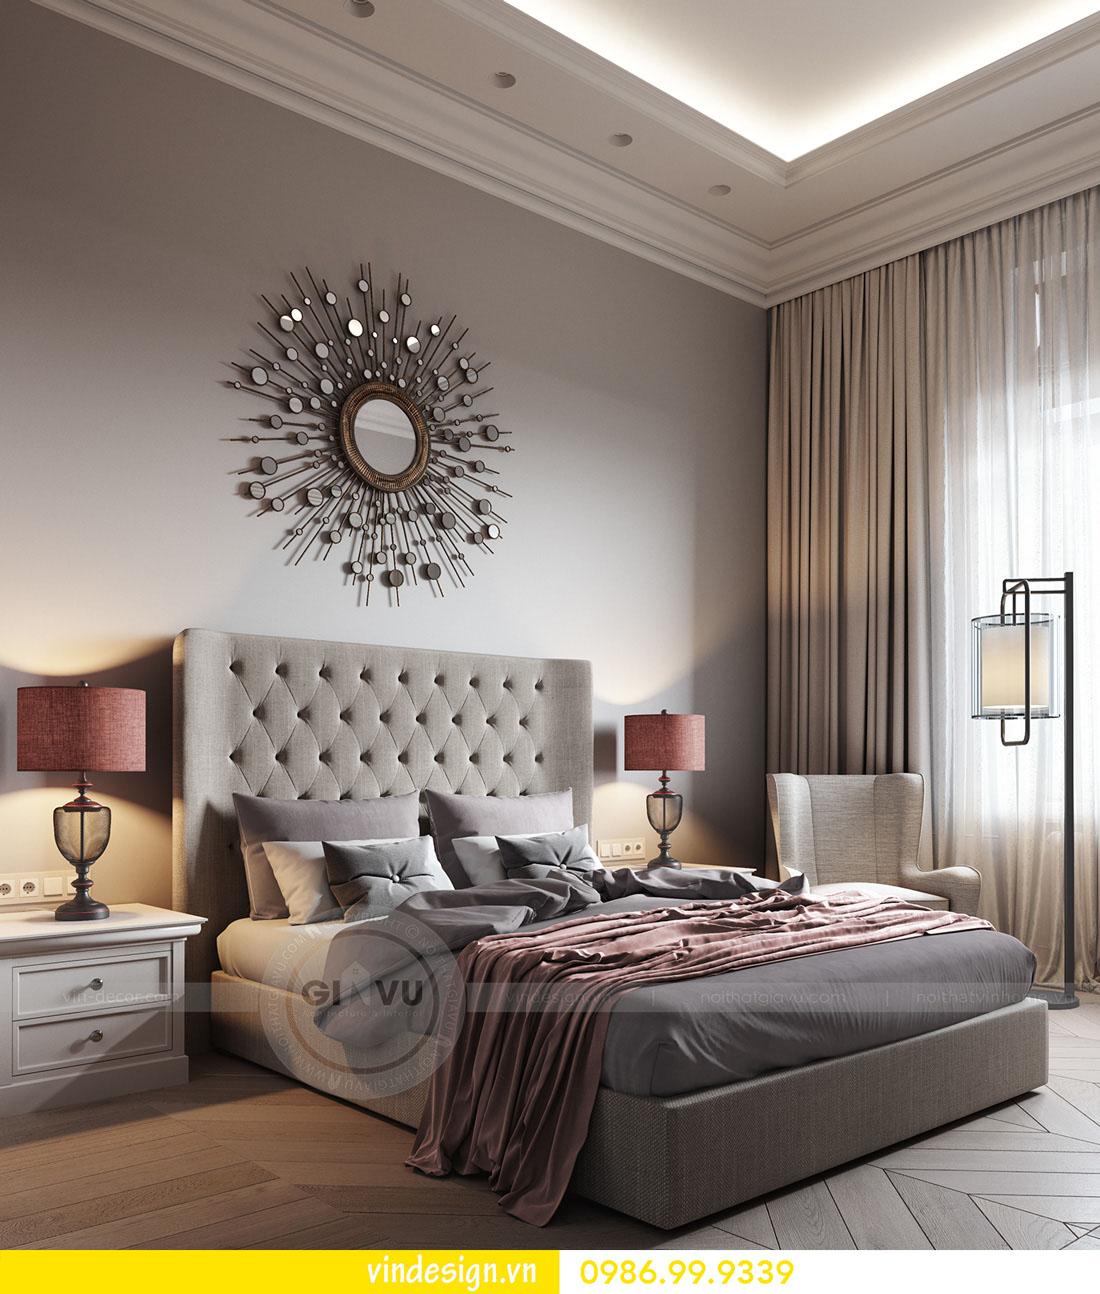 thiết kế nội thất căn hộ chung cư metropolis hotline 0986999339 ảnh 06